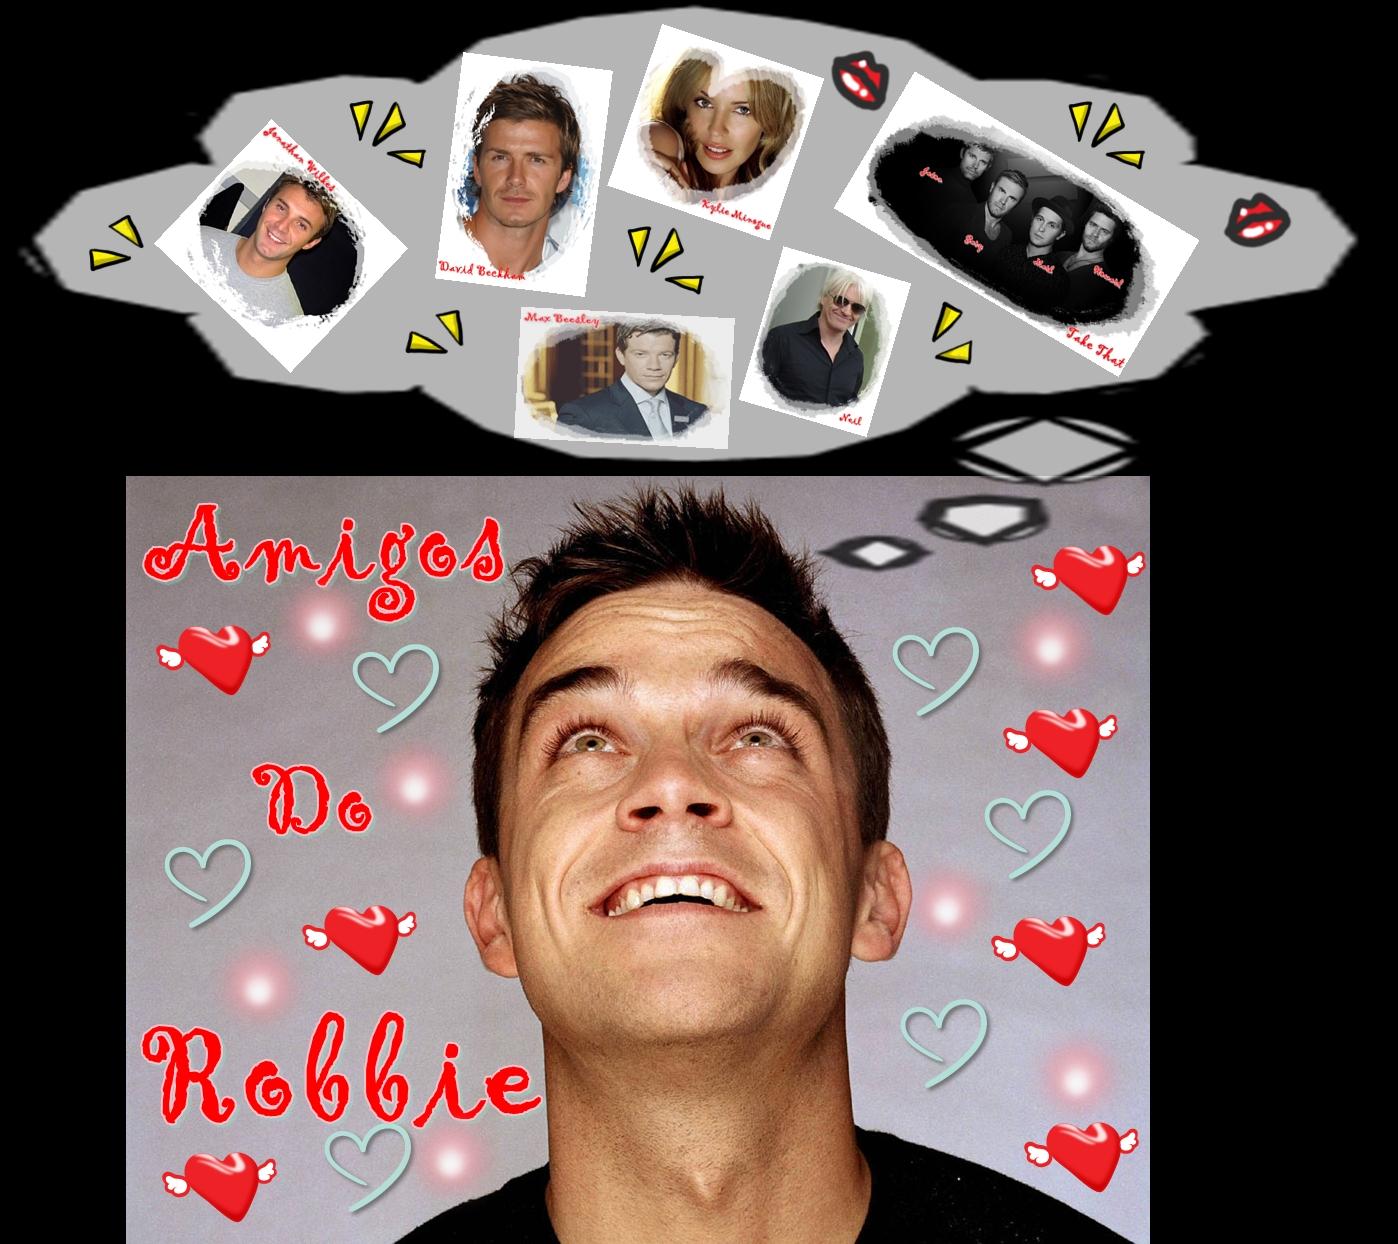 http://1.bp.blogspot.com/-uq8ehhMoHxg/Tfi4MBBCqfI/AAAAAAAABpM/4U0xPqNXIok/s1600/Quadro+Amigos+do+Robbie.jpg